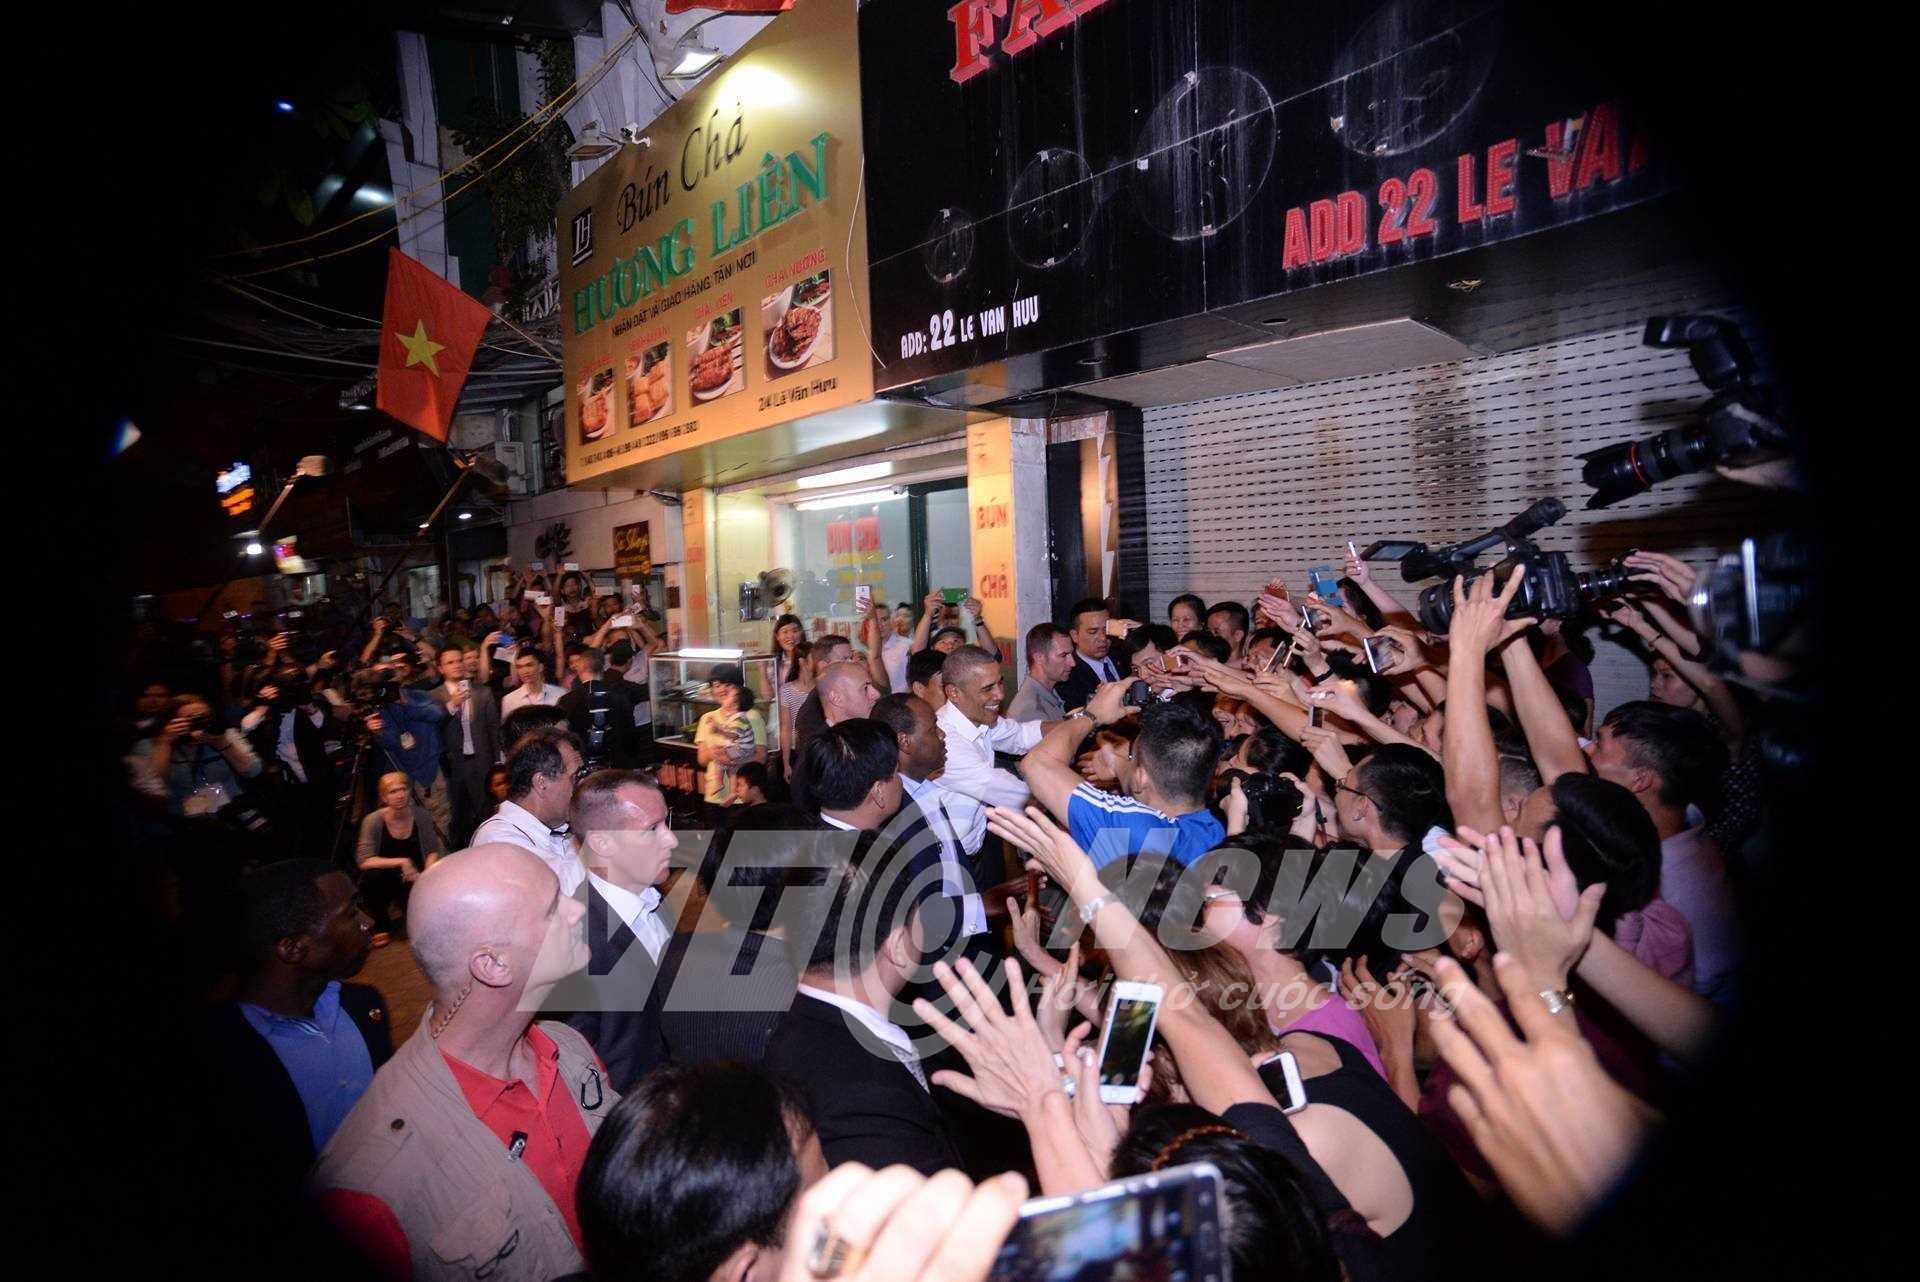 Sự xuất hiện của vị tổng thống Mỹ khiến nhiều người bất ngờ, vui mừng giơ tay chào đón ông (Ảnh: Tùng Đinh)